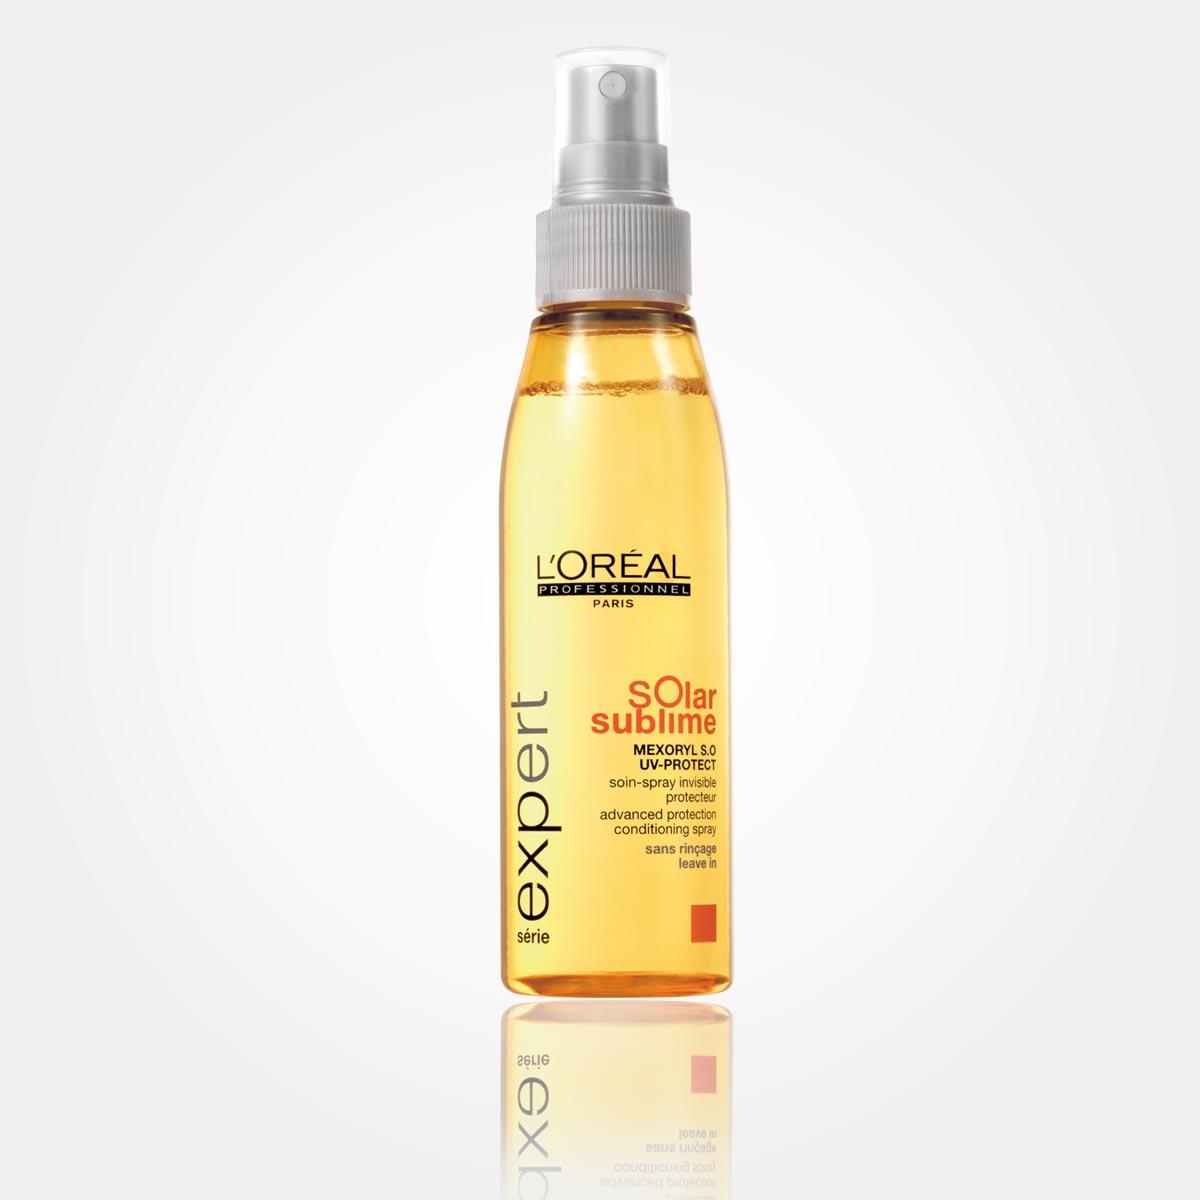 Šampon ze speciální řady letní vlasové kosmetiky Solar Sublime od L'Oréal Professionnel